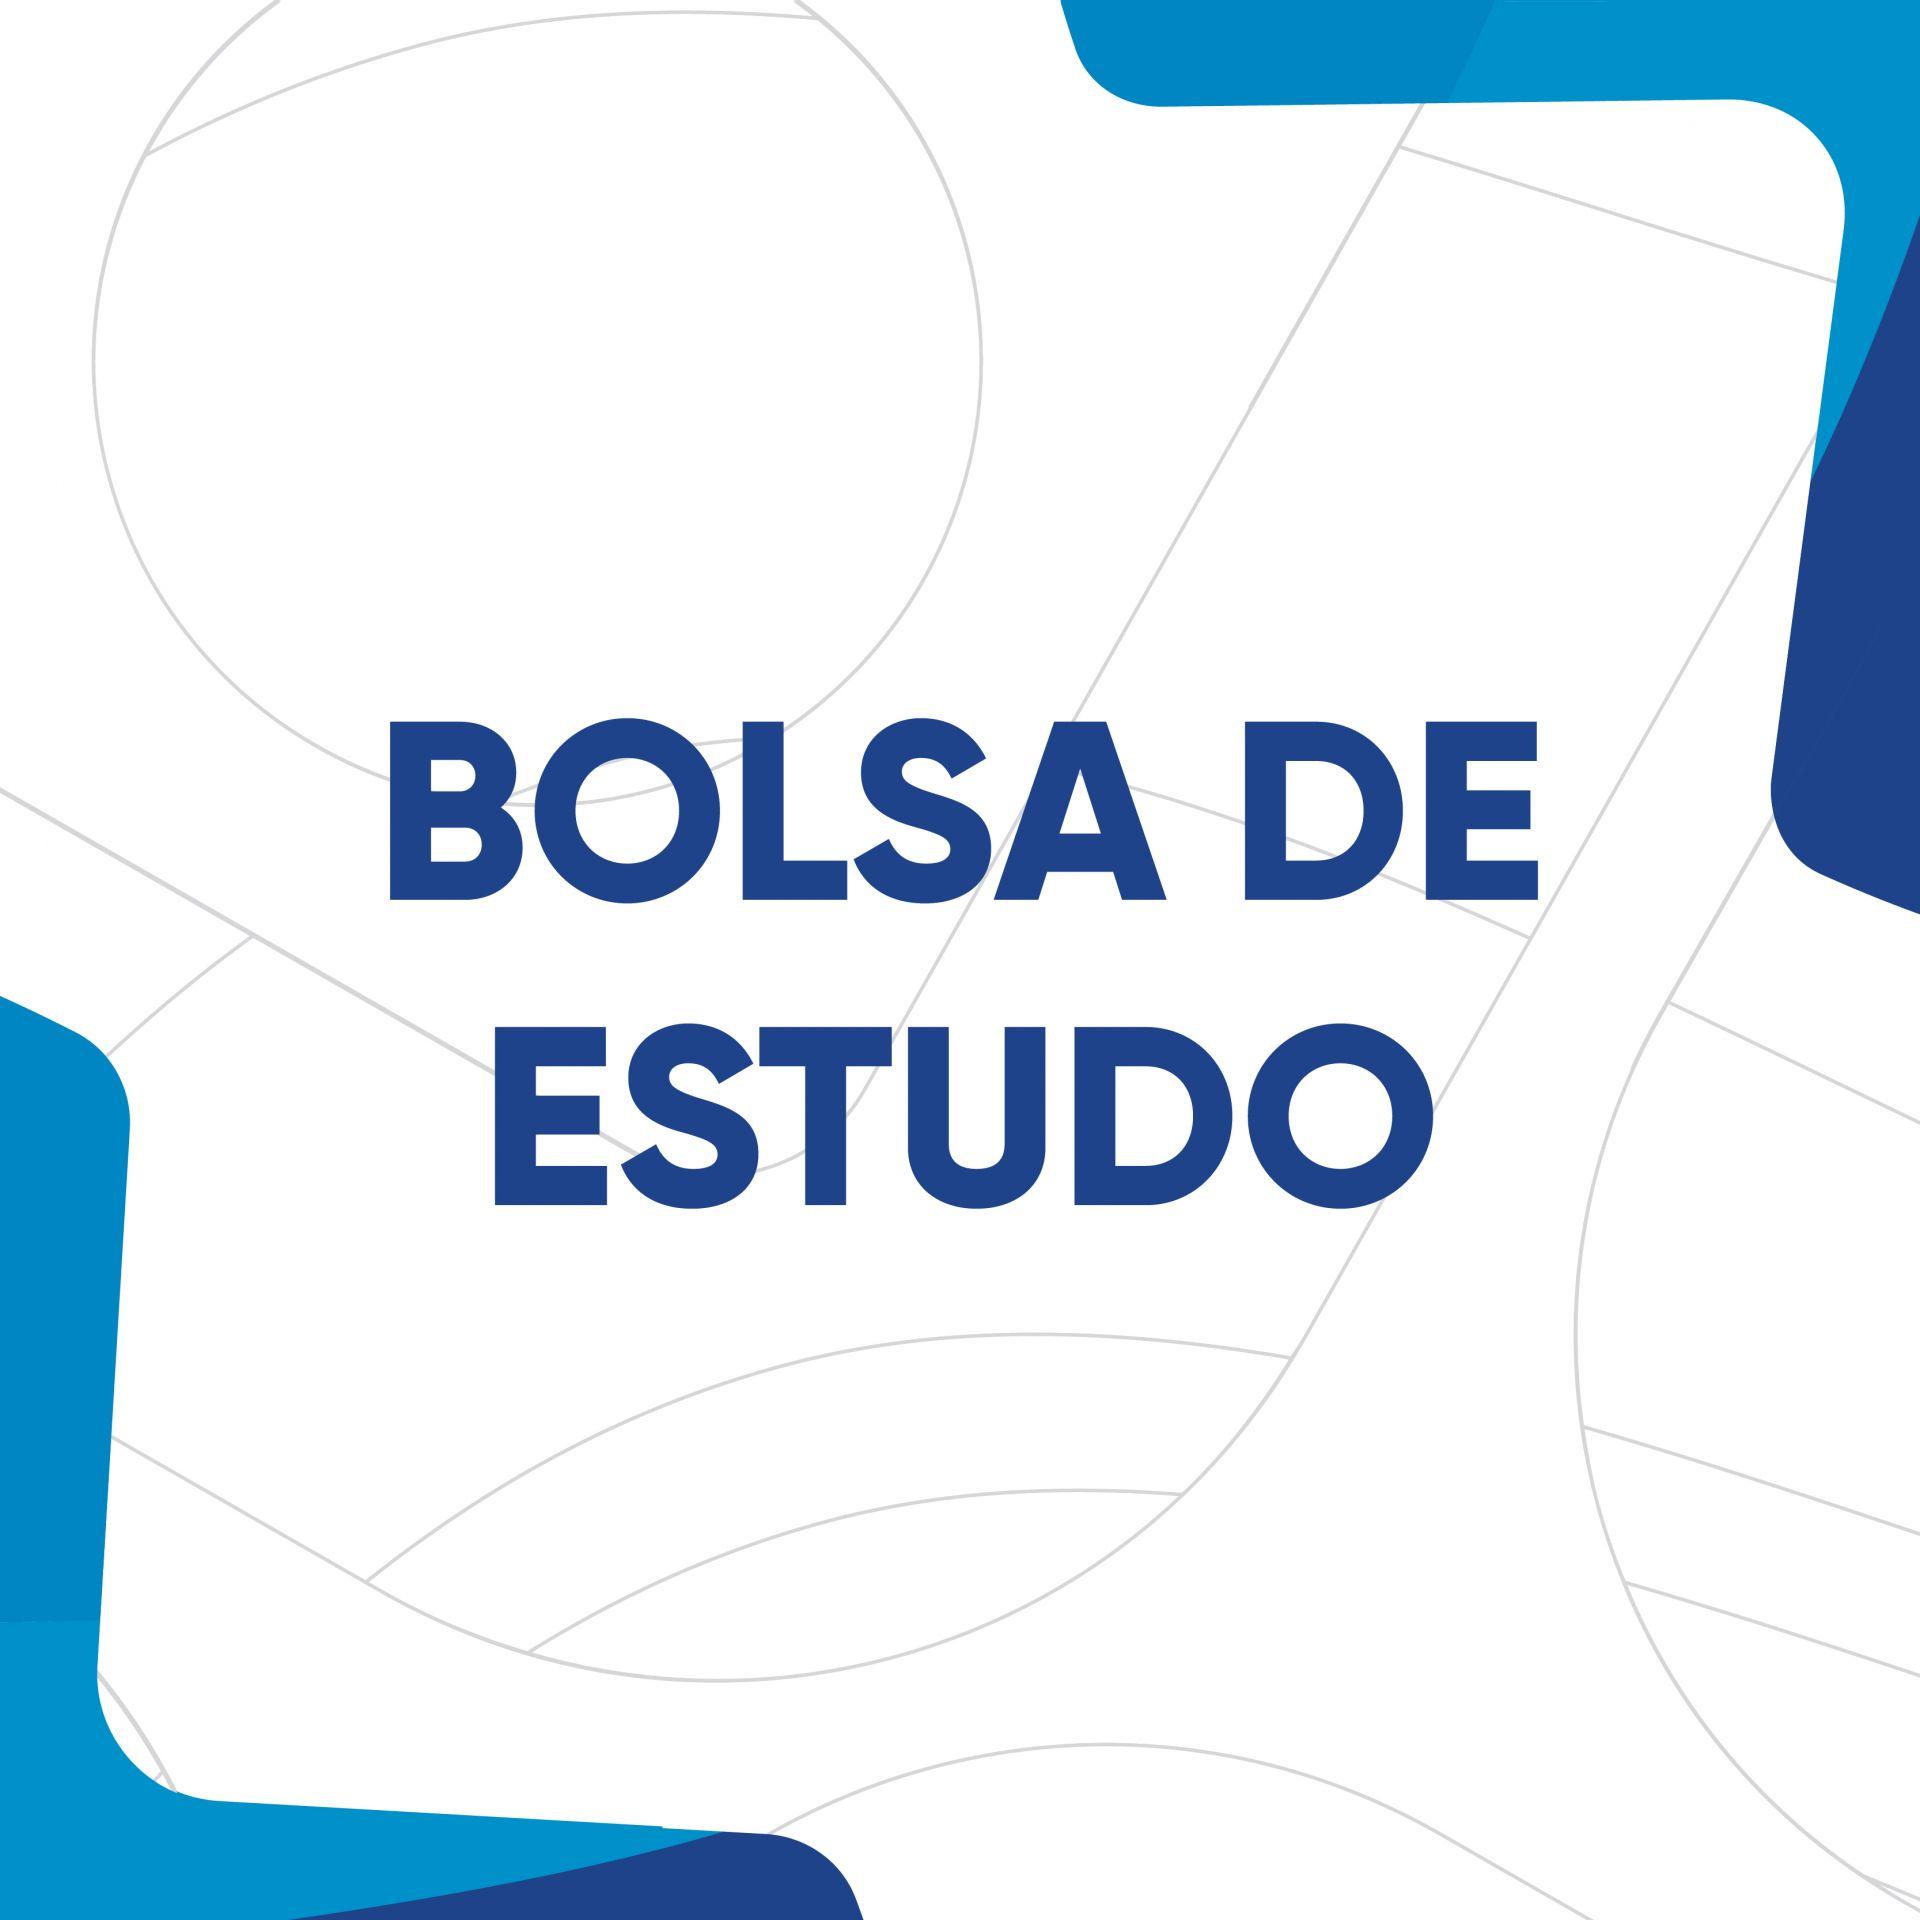 Bolsa de Estudo-01